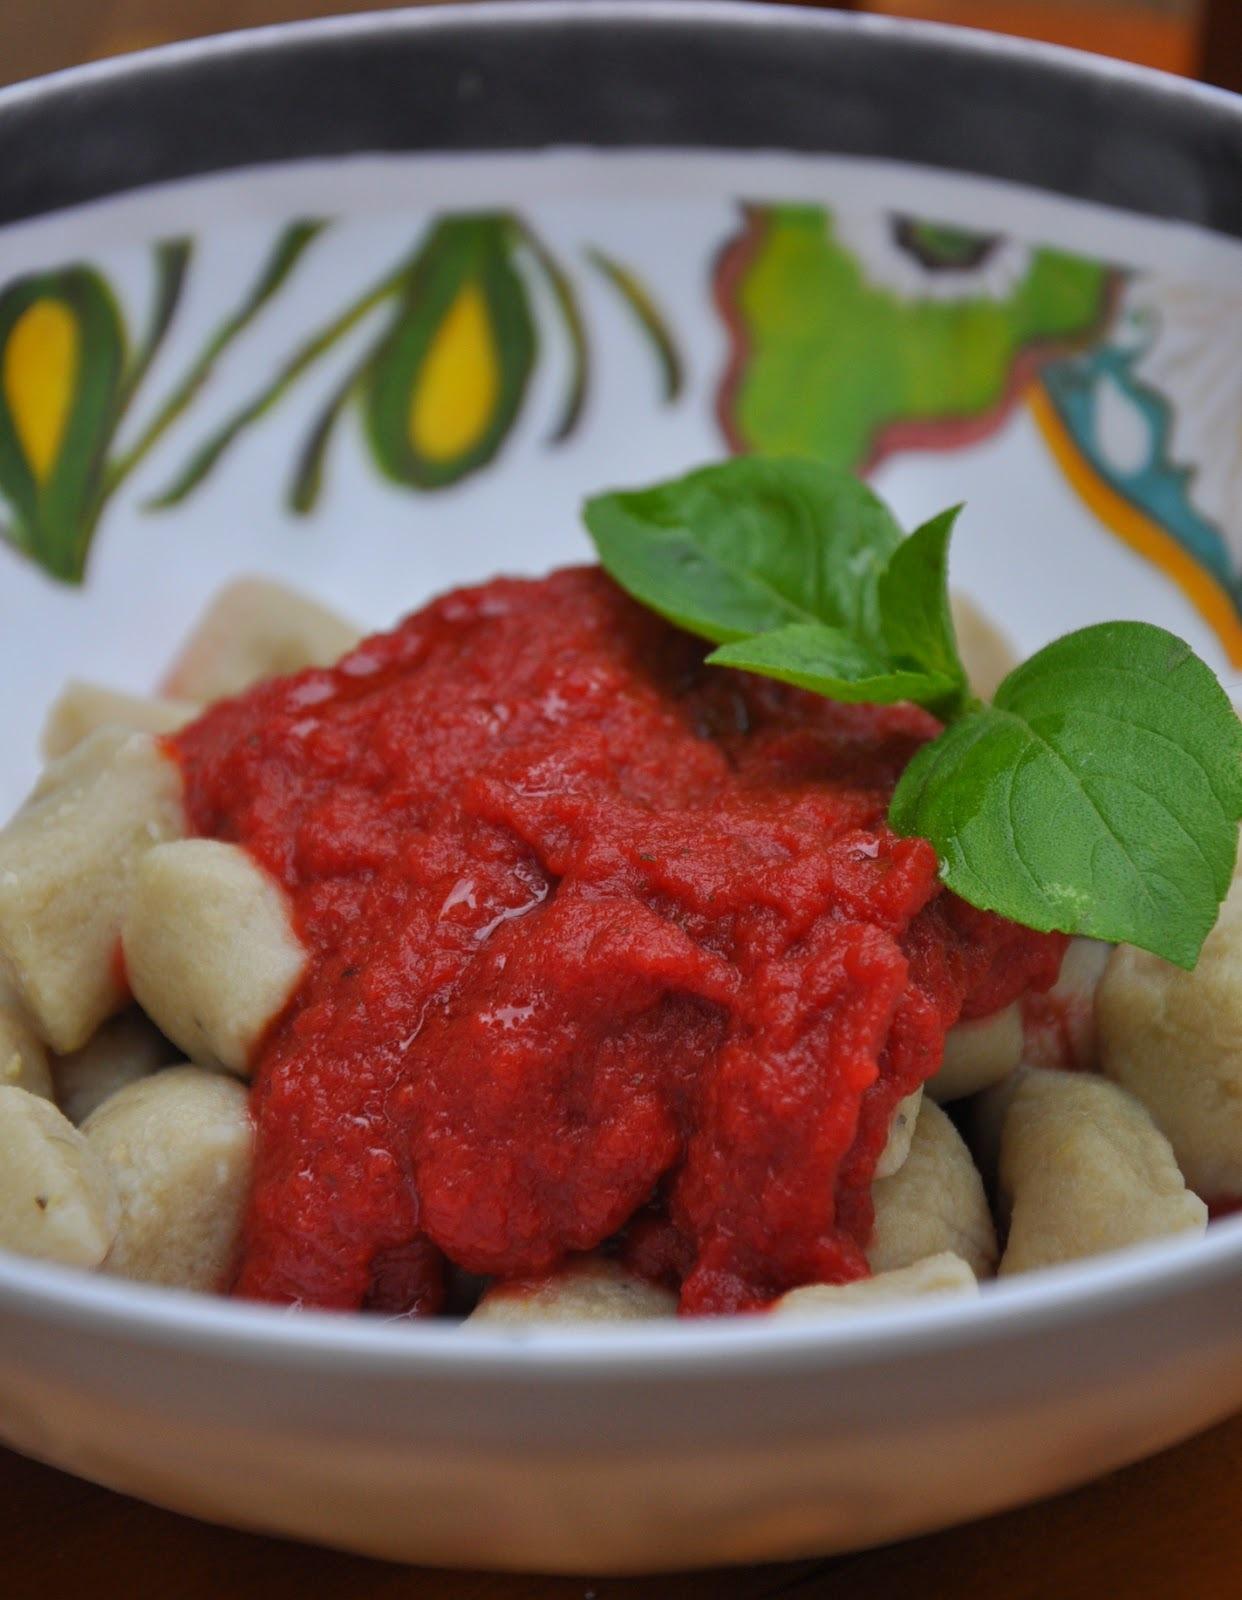 Nhoque de banana verde com farinha de arroz e molho falso de tomates (sem glúten, vegan)